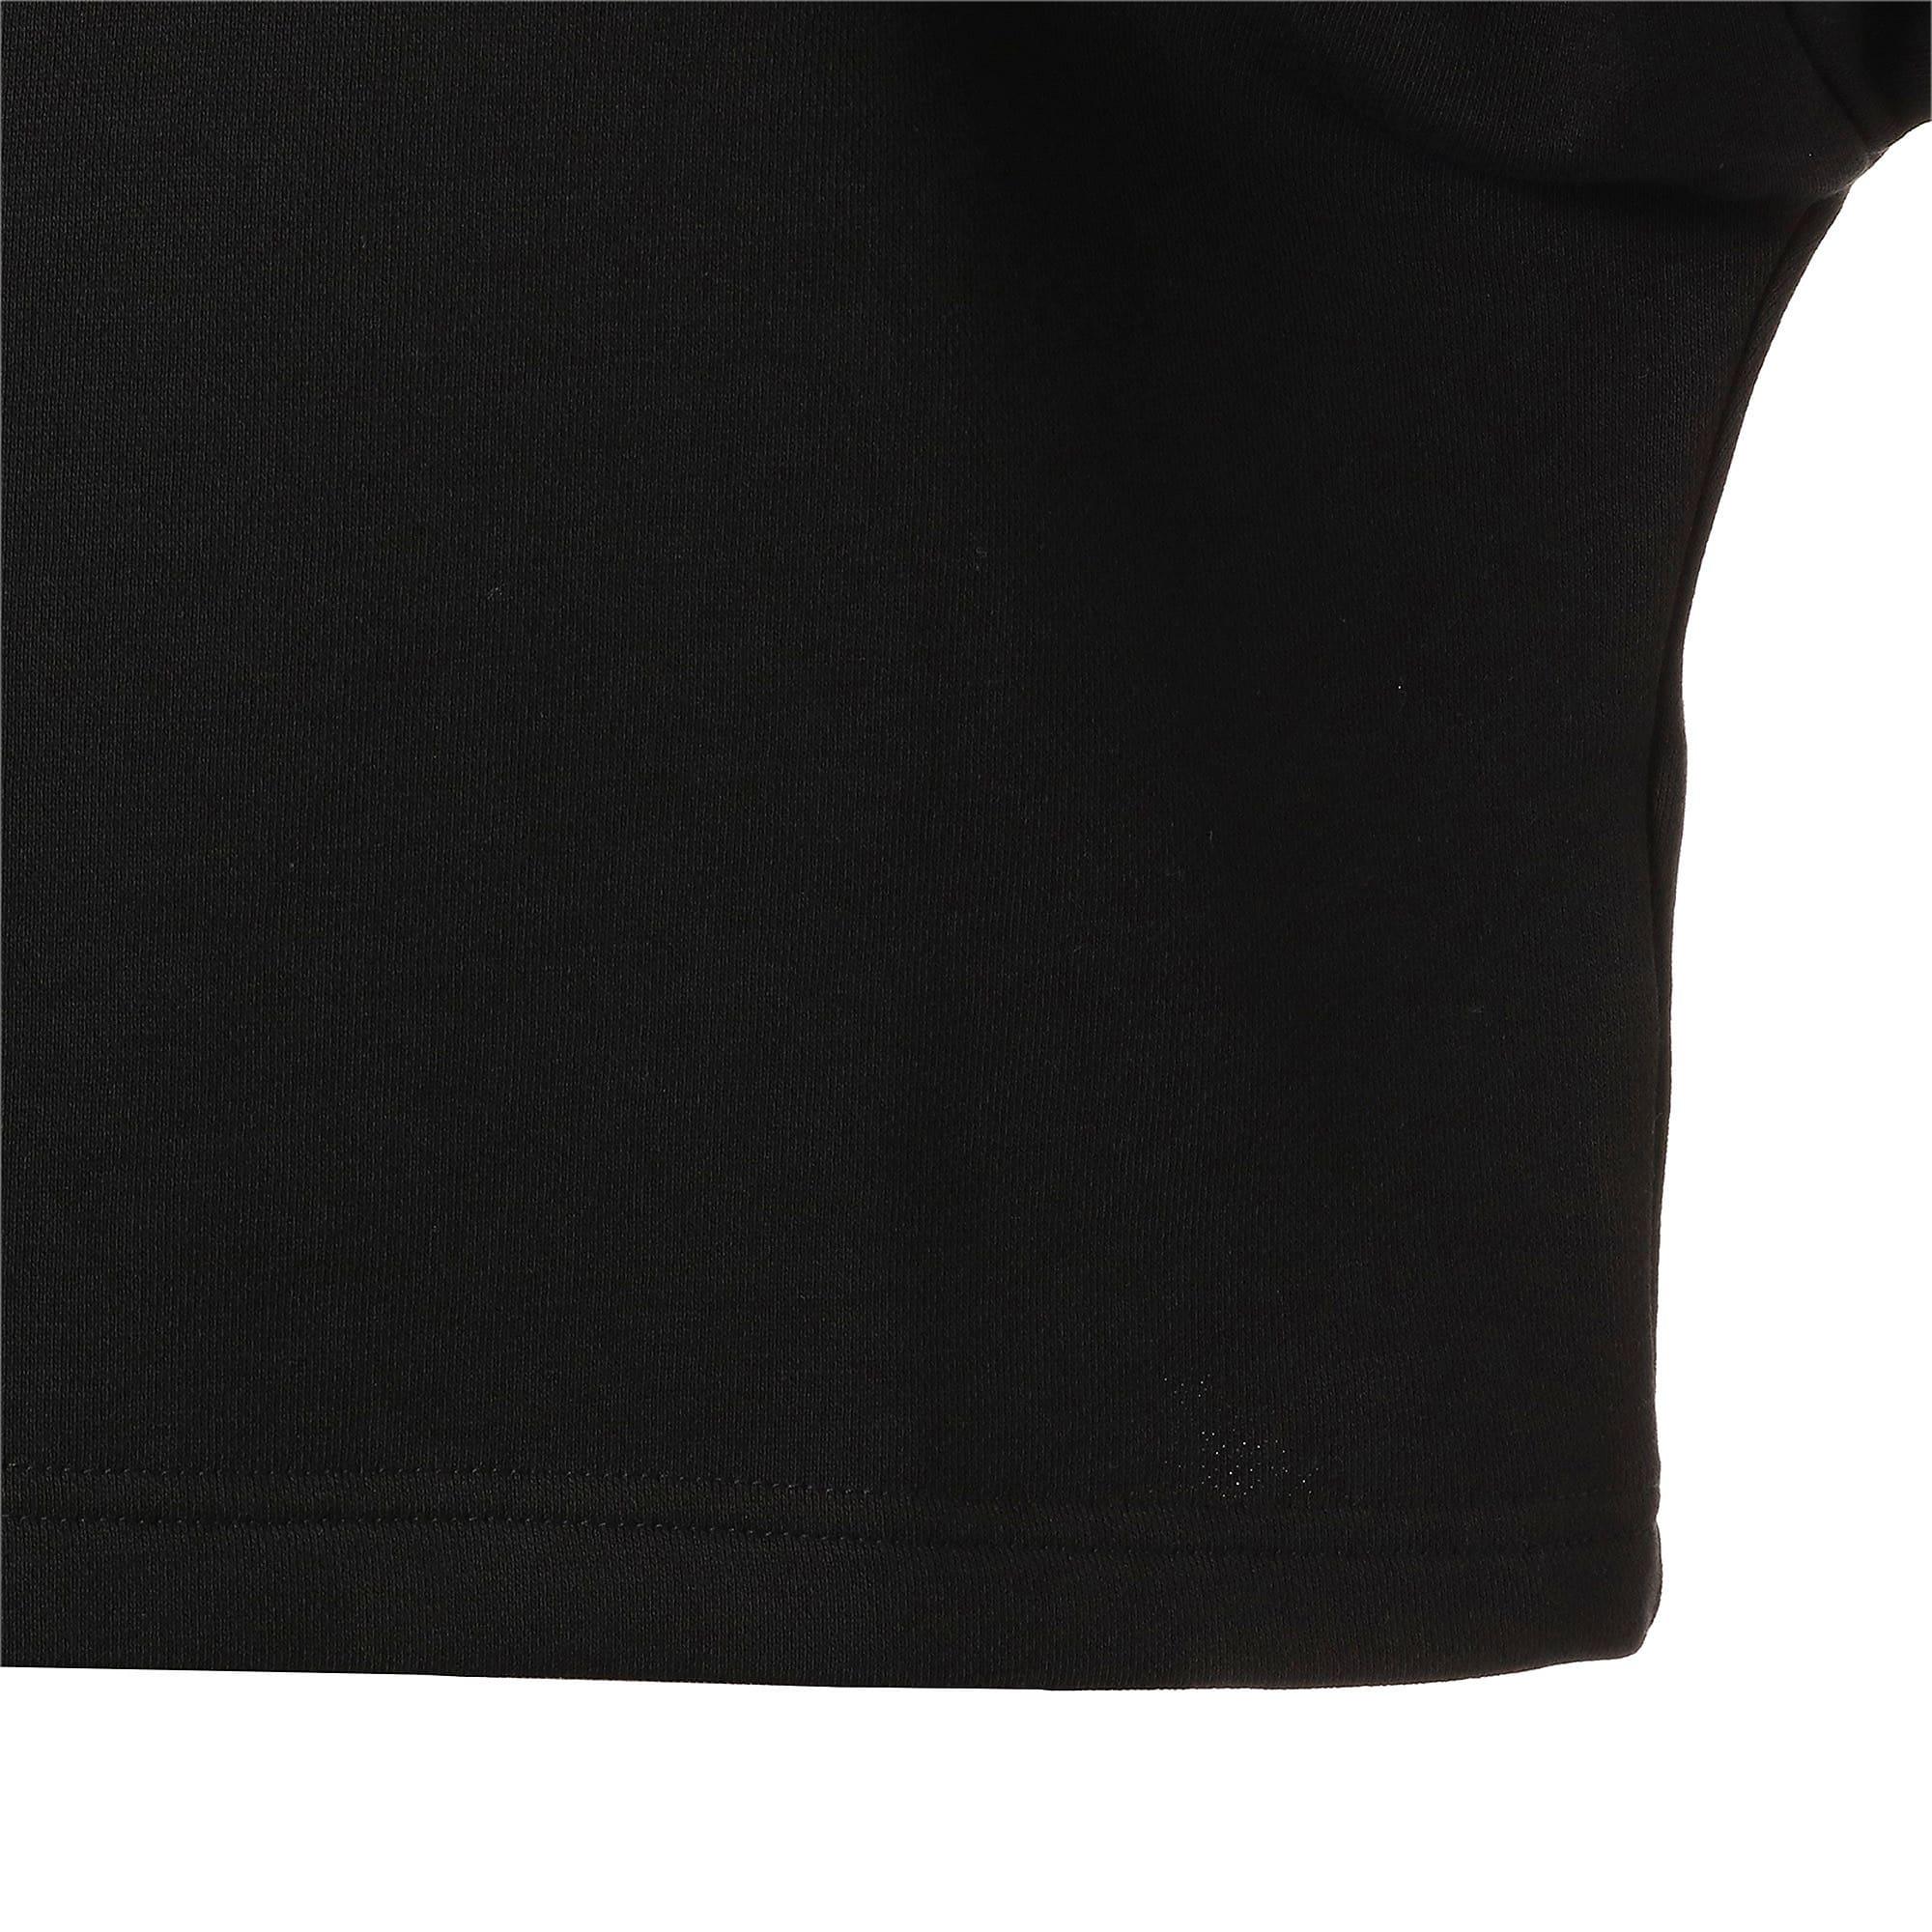 Thumbnail 9 of SG x PUMA ウィメンズ スウェットシャツ, Puma Black, medium-JPN